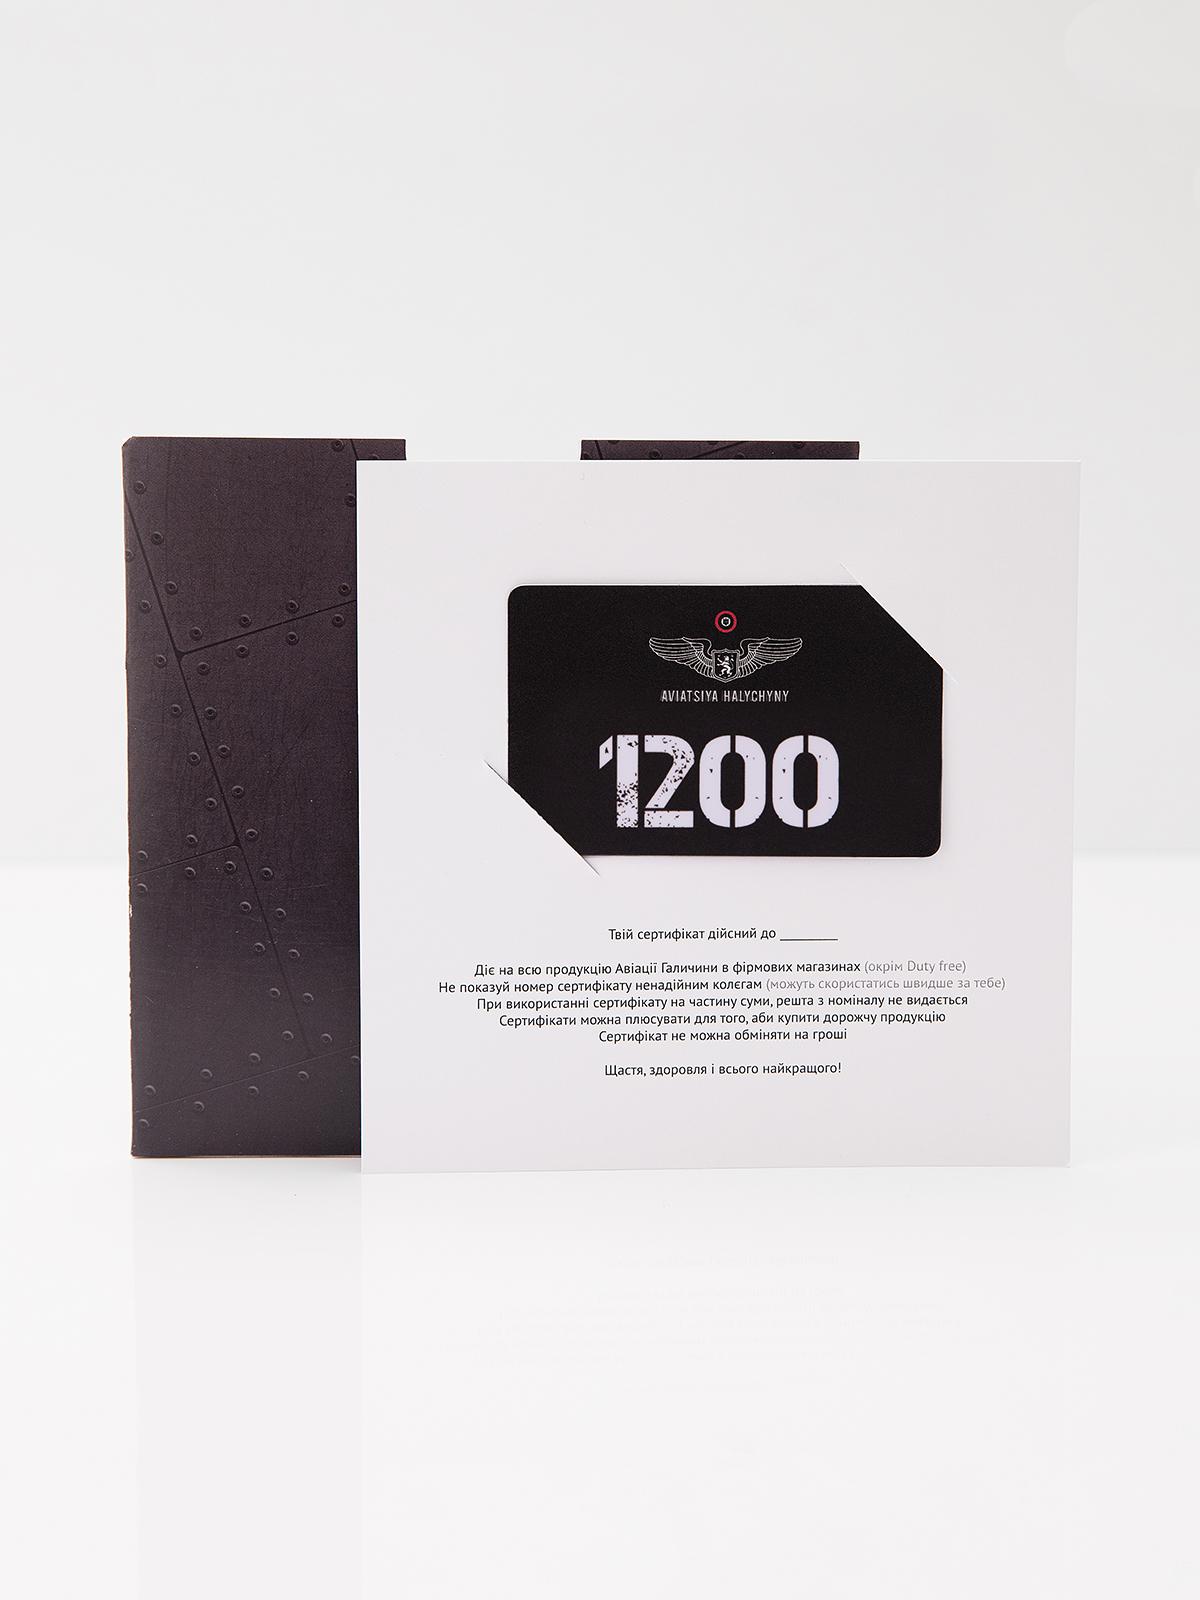 Подарунковий Сертифікат. Колір чорний.  Номінал сертифікату може бути використаний лише повністю та одноразово.